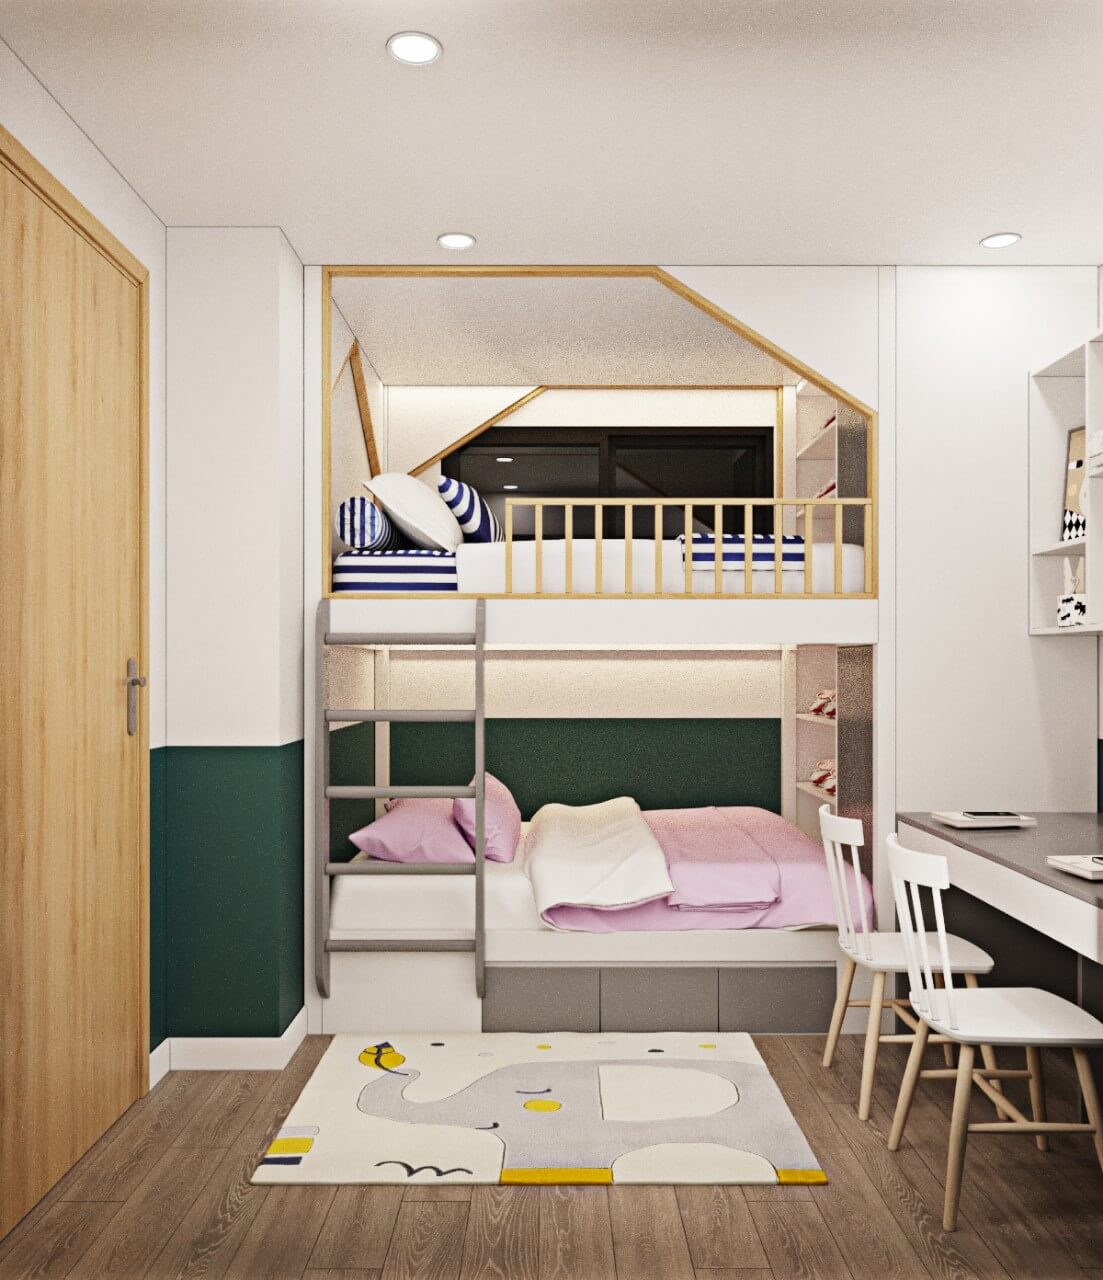 Báo giá hoàn thiện nội thất chung cư cho công trình đẹp như mơ 7